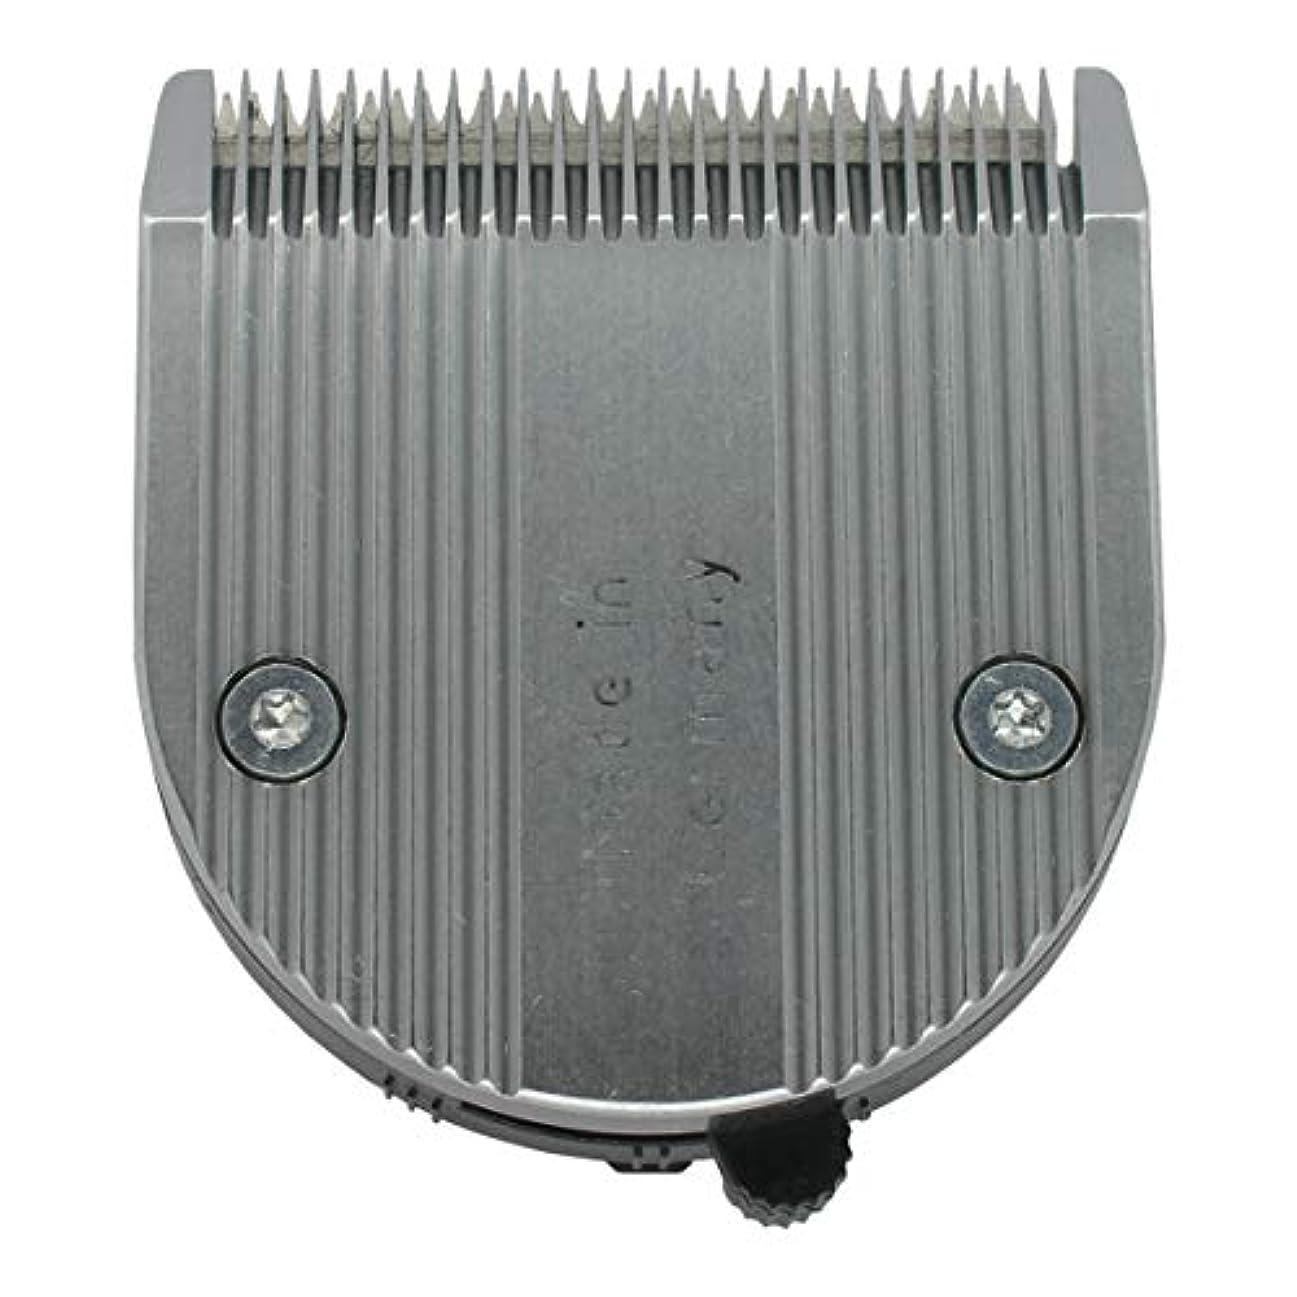 約フィットネスメジャーWAHL クロムスタイル/ベリッシマ用替刃 可変0.6~3mm KM1854-7505